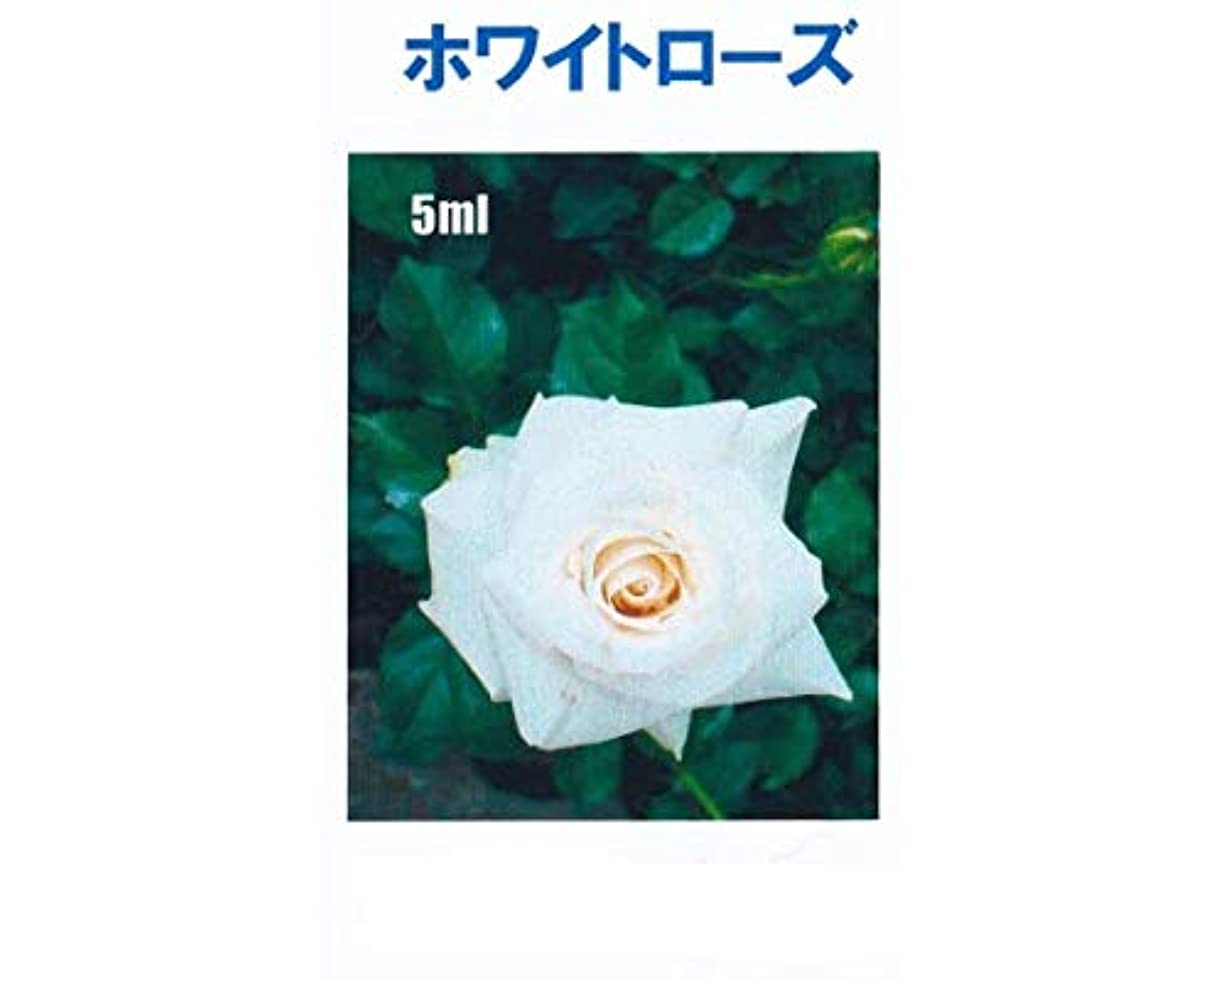 アロマオイル ホワイトローズ 5ml エッセンシャルオイル 100%天然成分